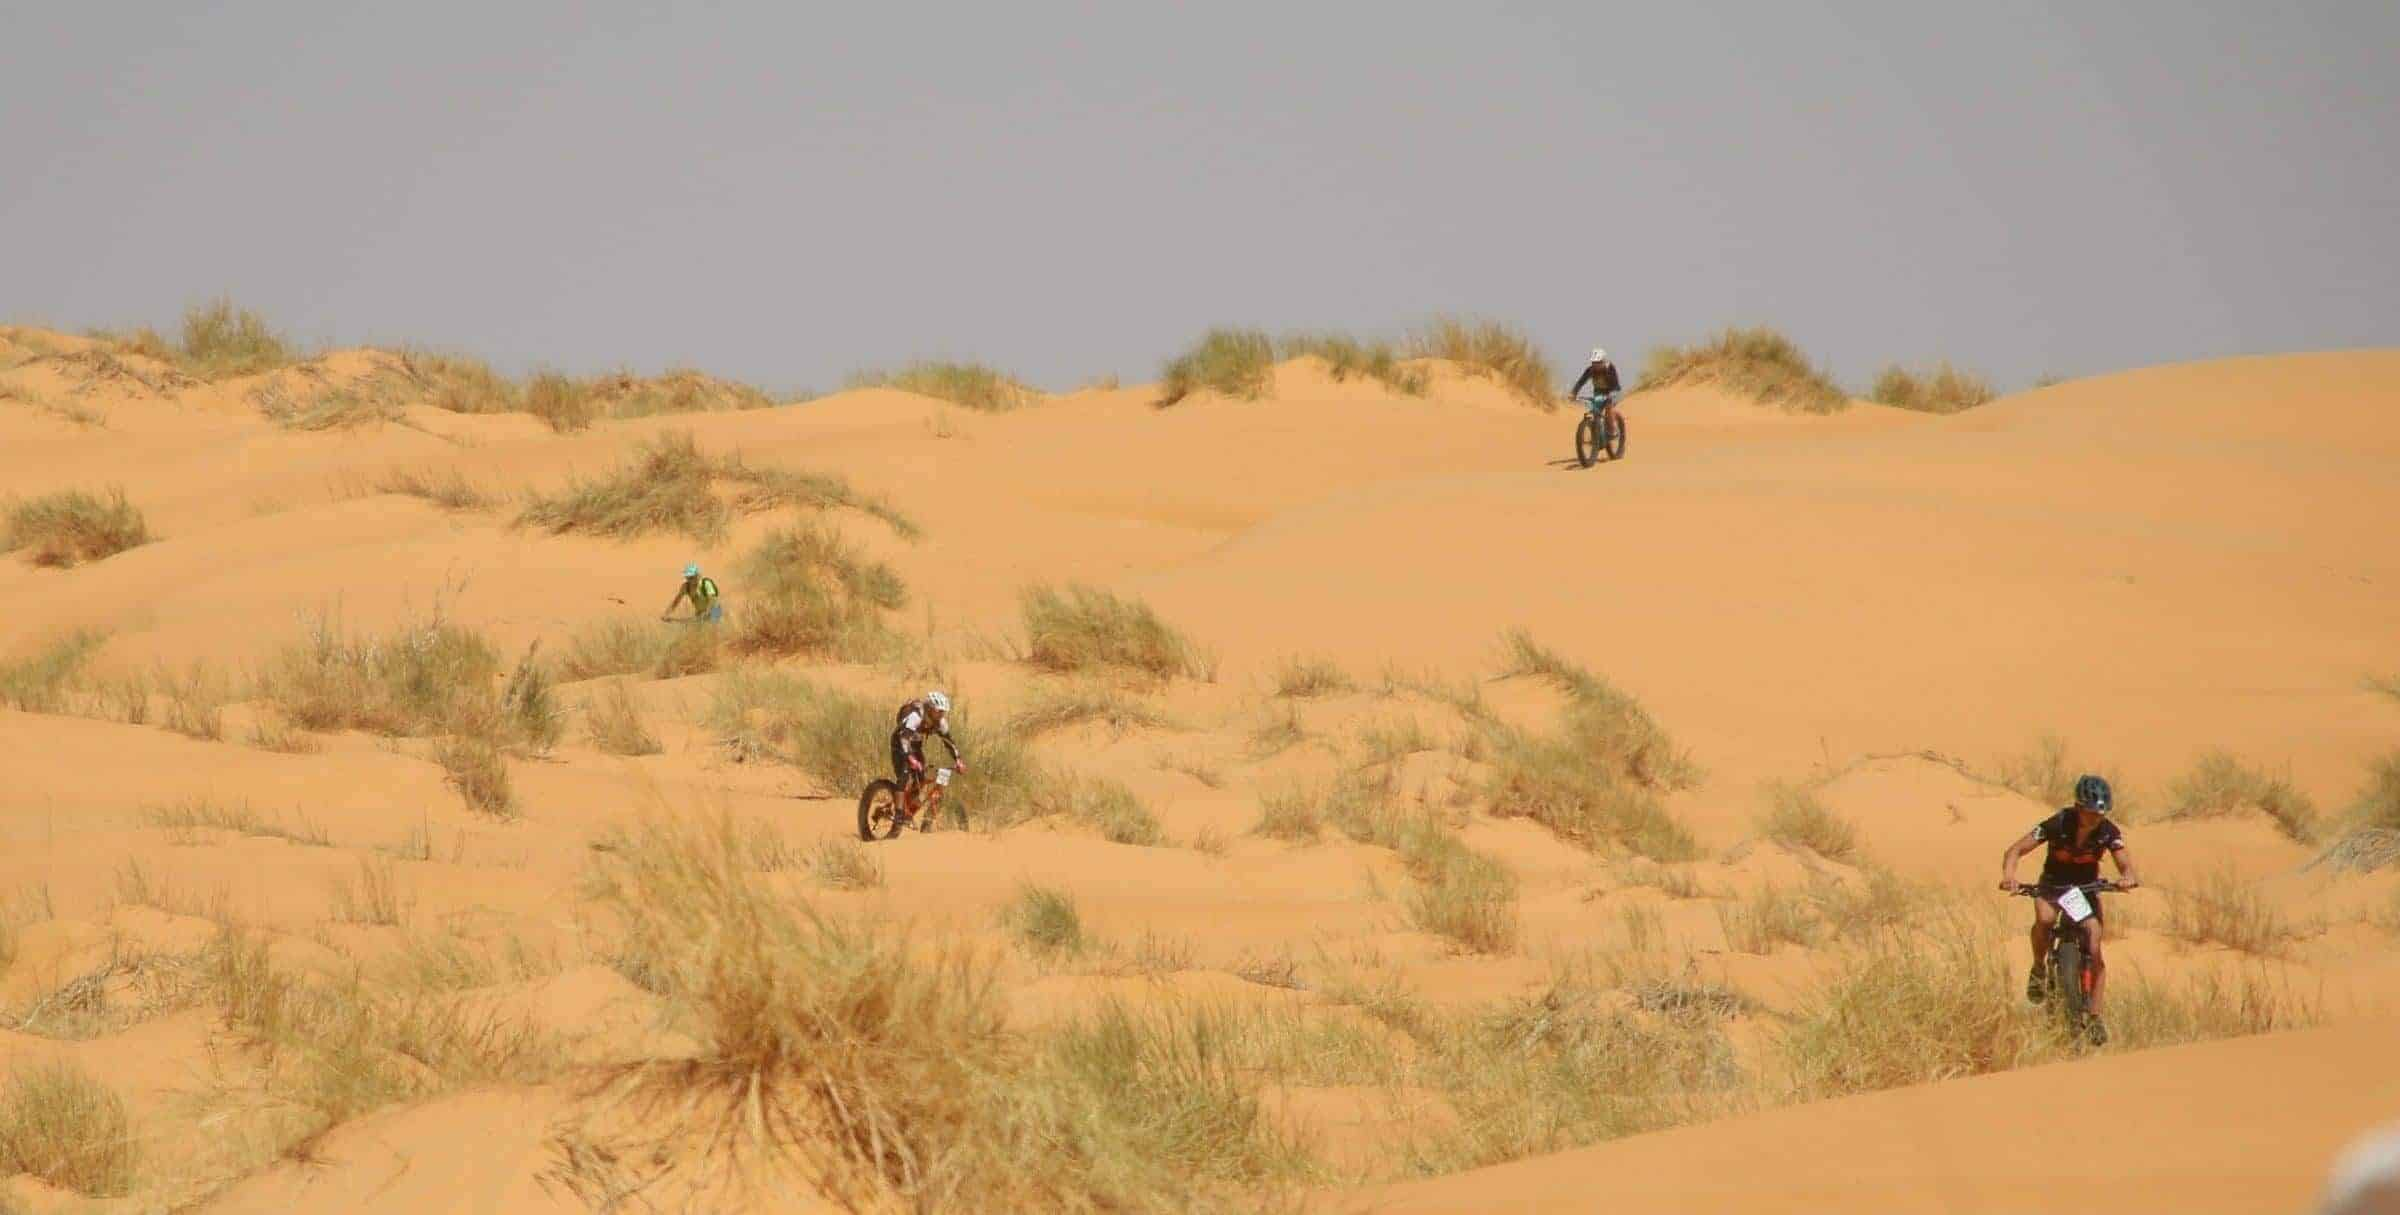 fatbike-descente-navigation-dune-raidtra